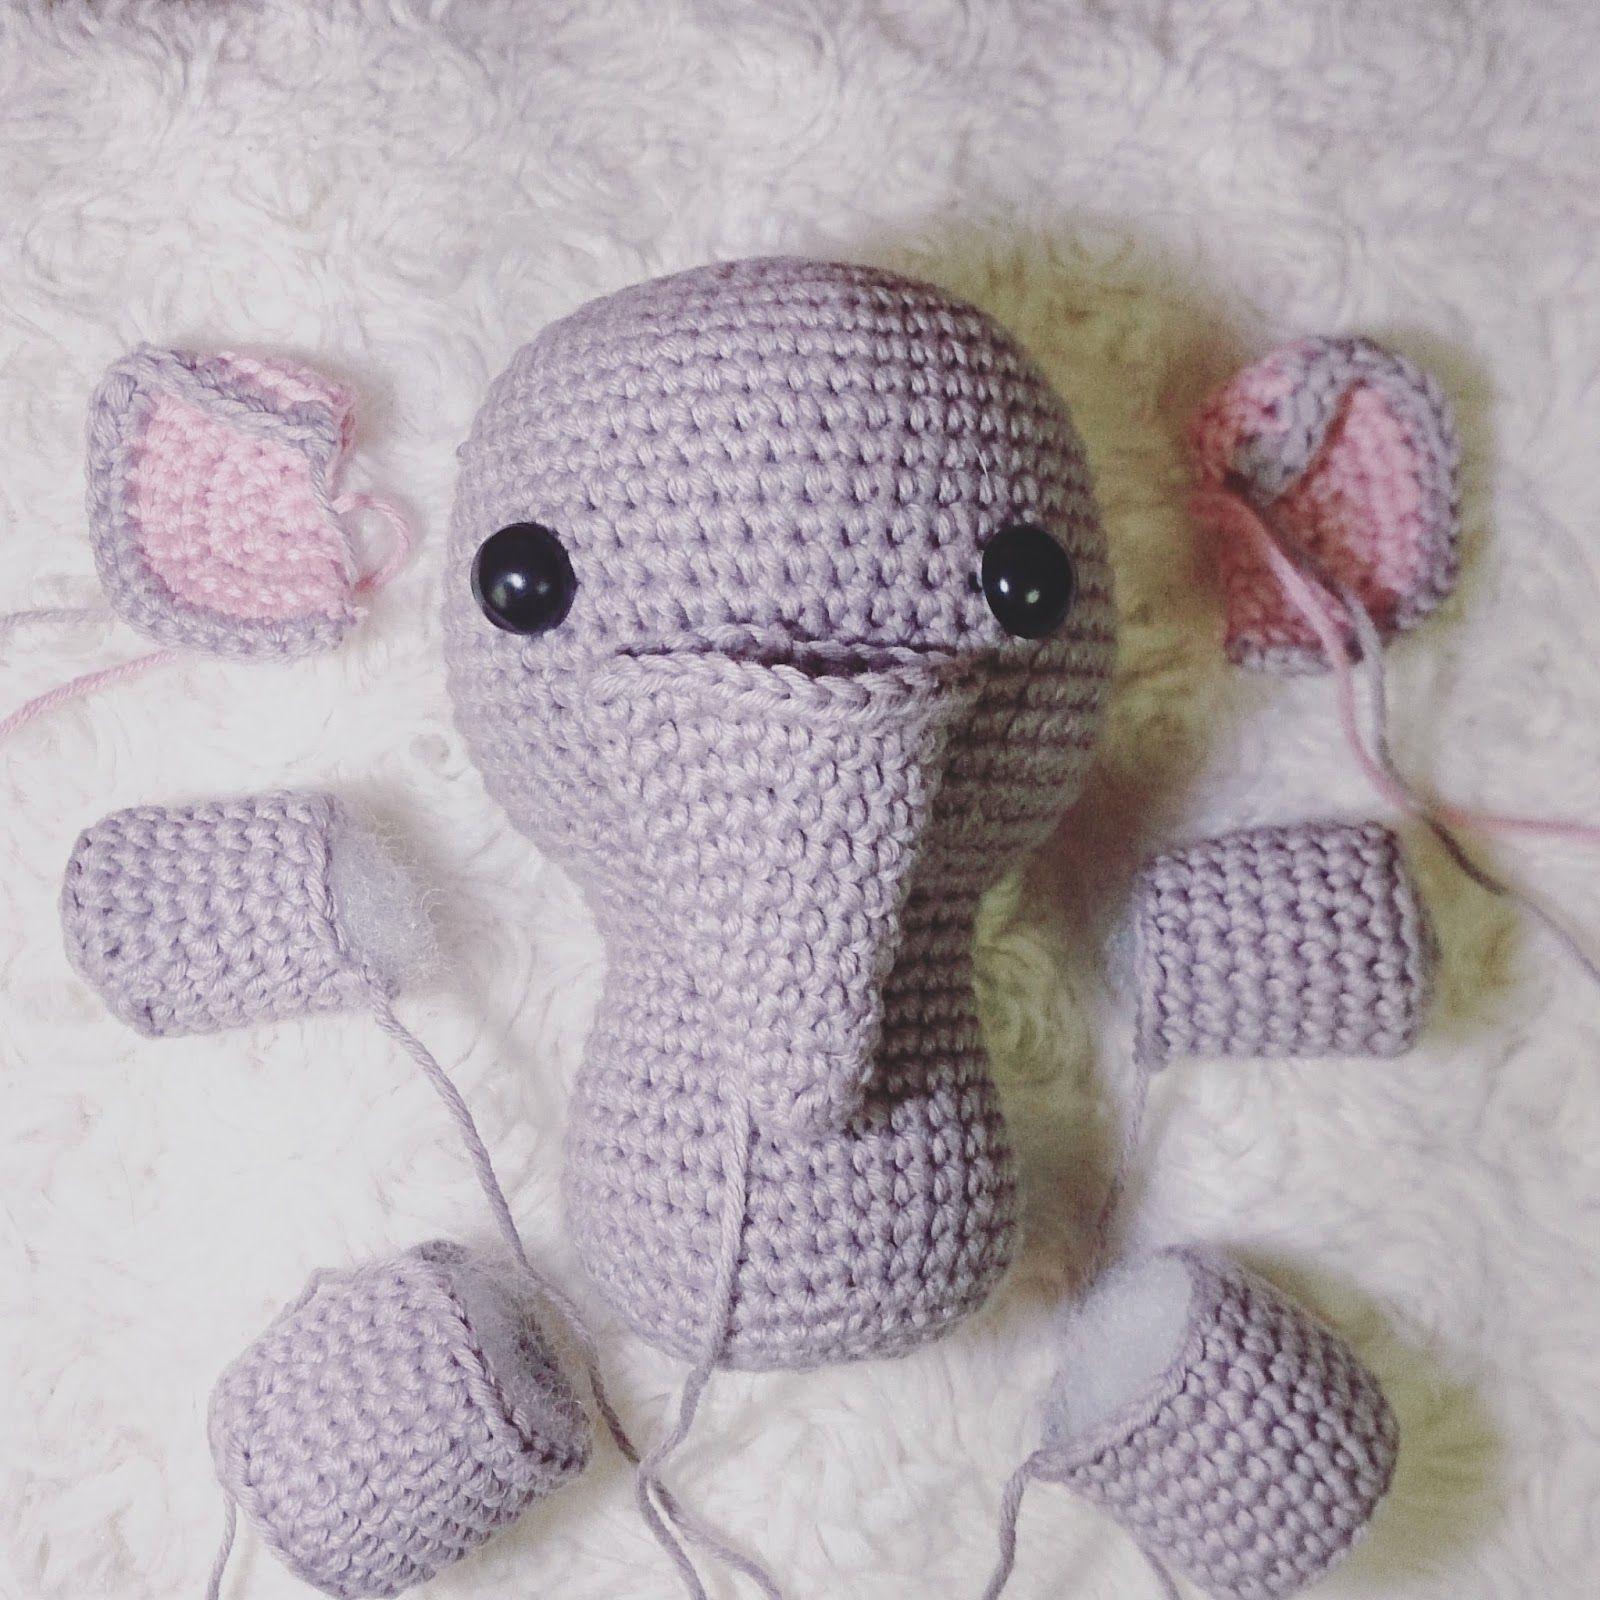 Peluches de algodón, regalo para bebé, patrones de amigurumi, óvalos ...